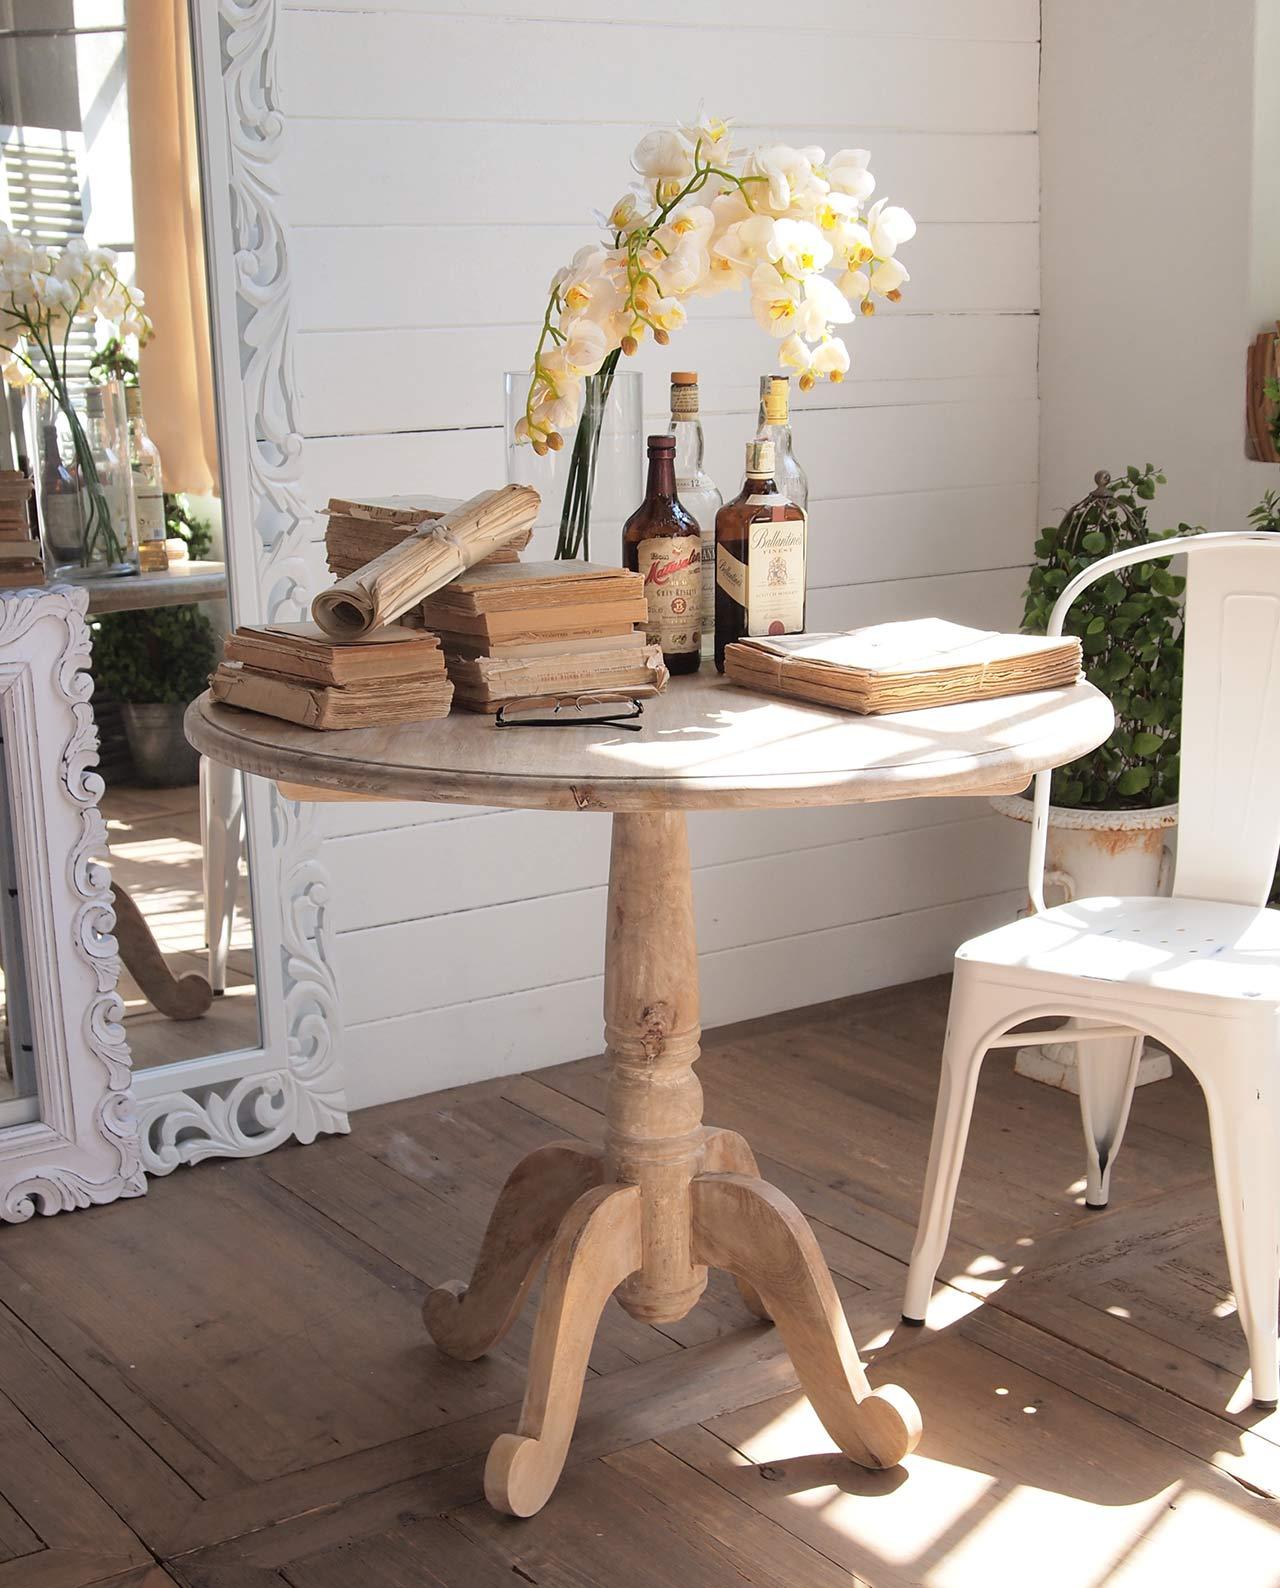 Tavolo rotondo con gamba centrale in legno mobilia store home favours - Tavolo rotondo con piede centrale ...